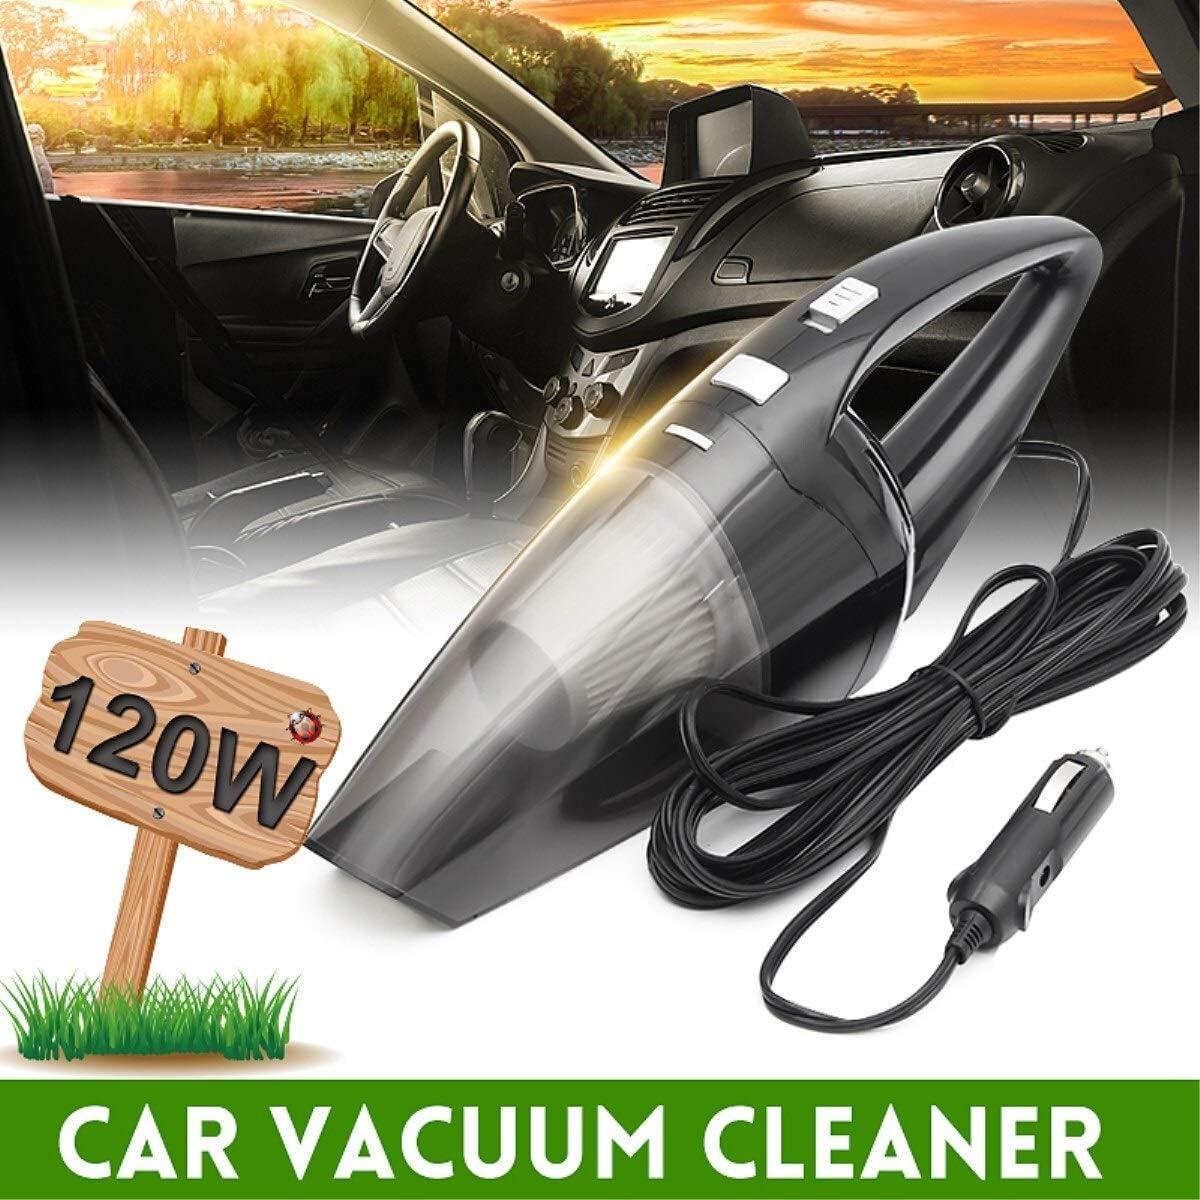 120 W Aspirador de coche portátil Mojado y seco de doble uso Auto encendedor de cigarrillos Mini aspirador de mano Super succión 12V Aspirador de coche (Color : Black): Amazon.es: Coche y